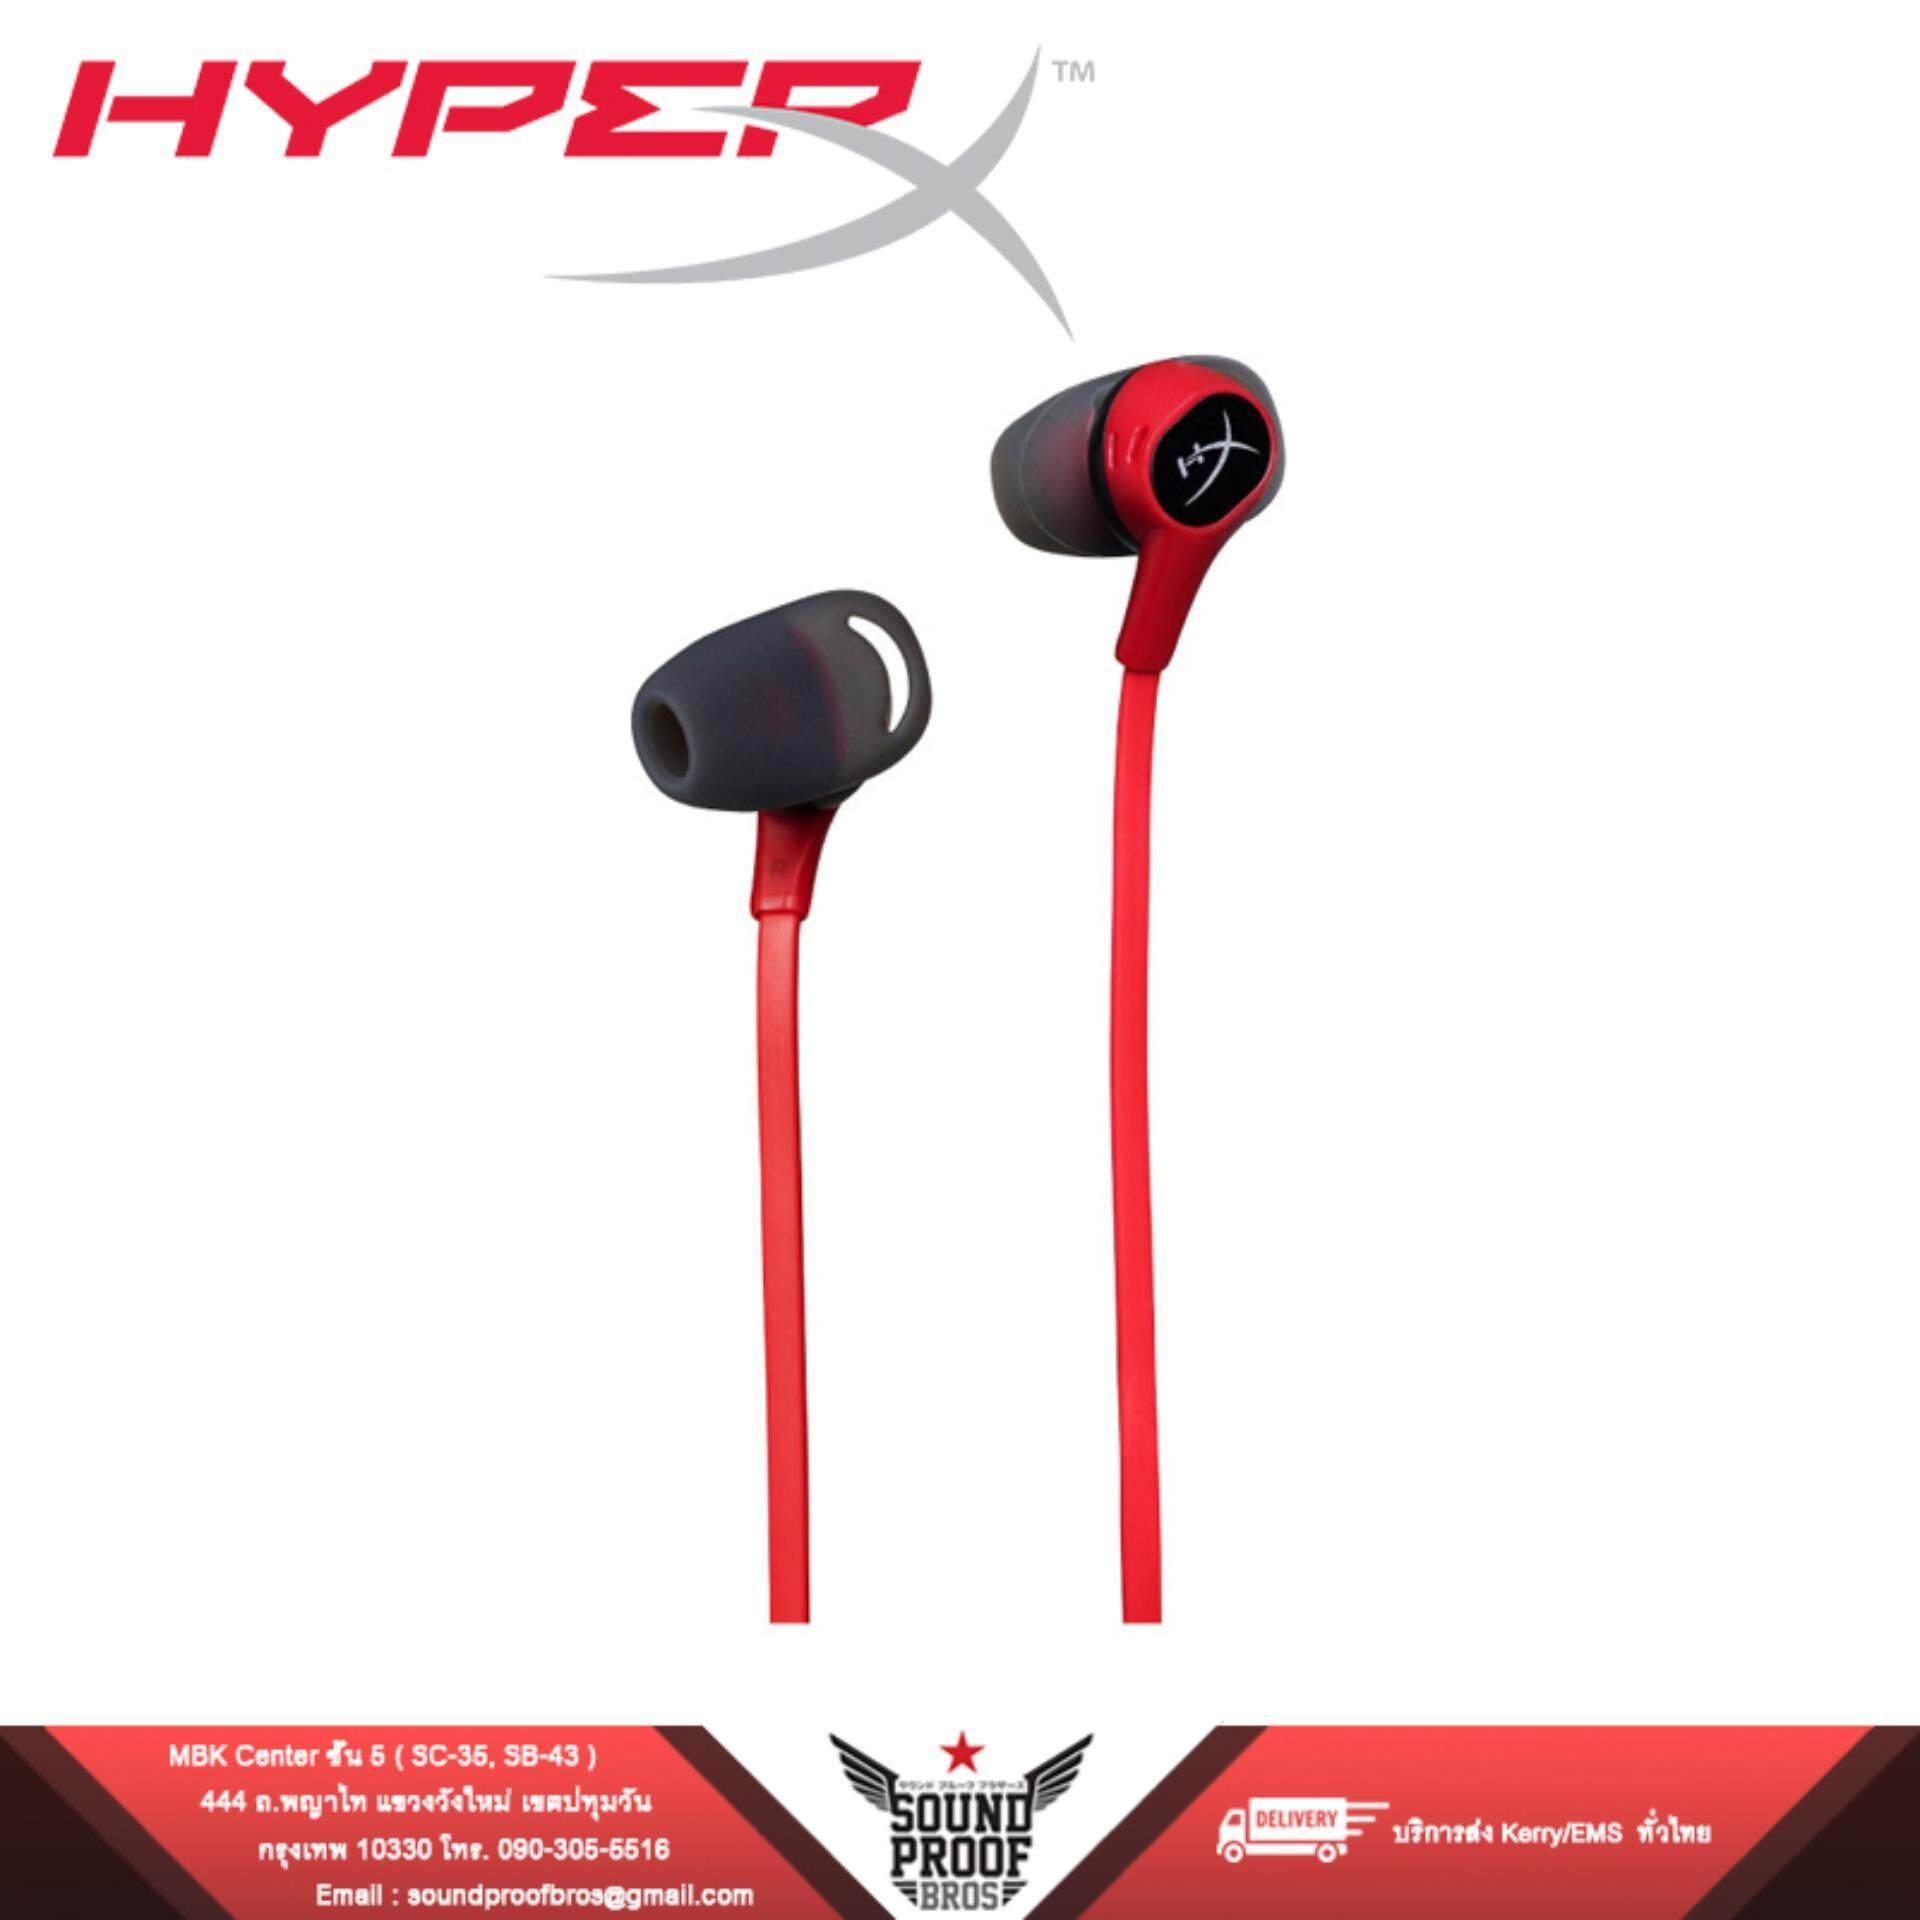 หูฟัง Hyperx Cloud Earbud หูฟังเกมมิ่งขนาดเล็ก พกพาสะดวก ลักษณะหูฟังแบบ Hybrid ใส่สบาย ไม่หลุด ขั้ว L-Plug แบบ Aux 3.5mm By Soundproofbros.